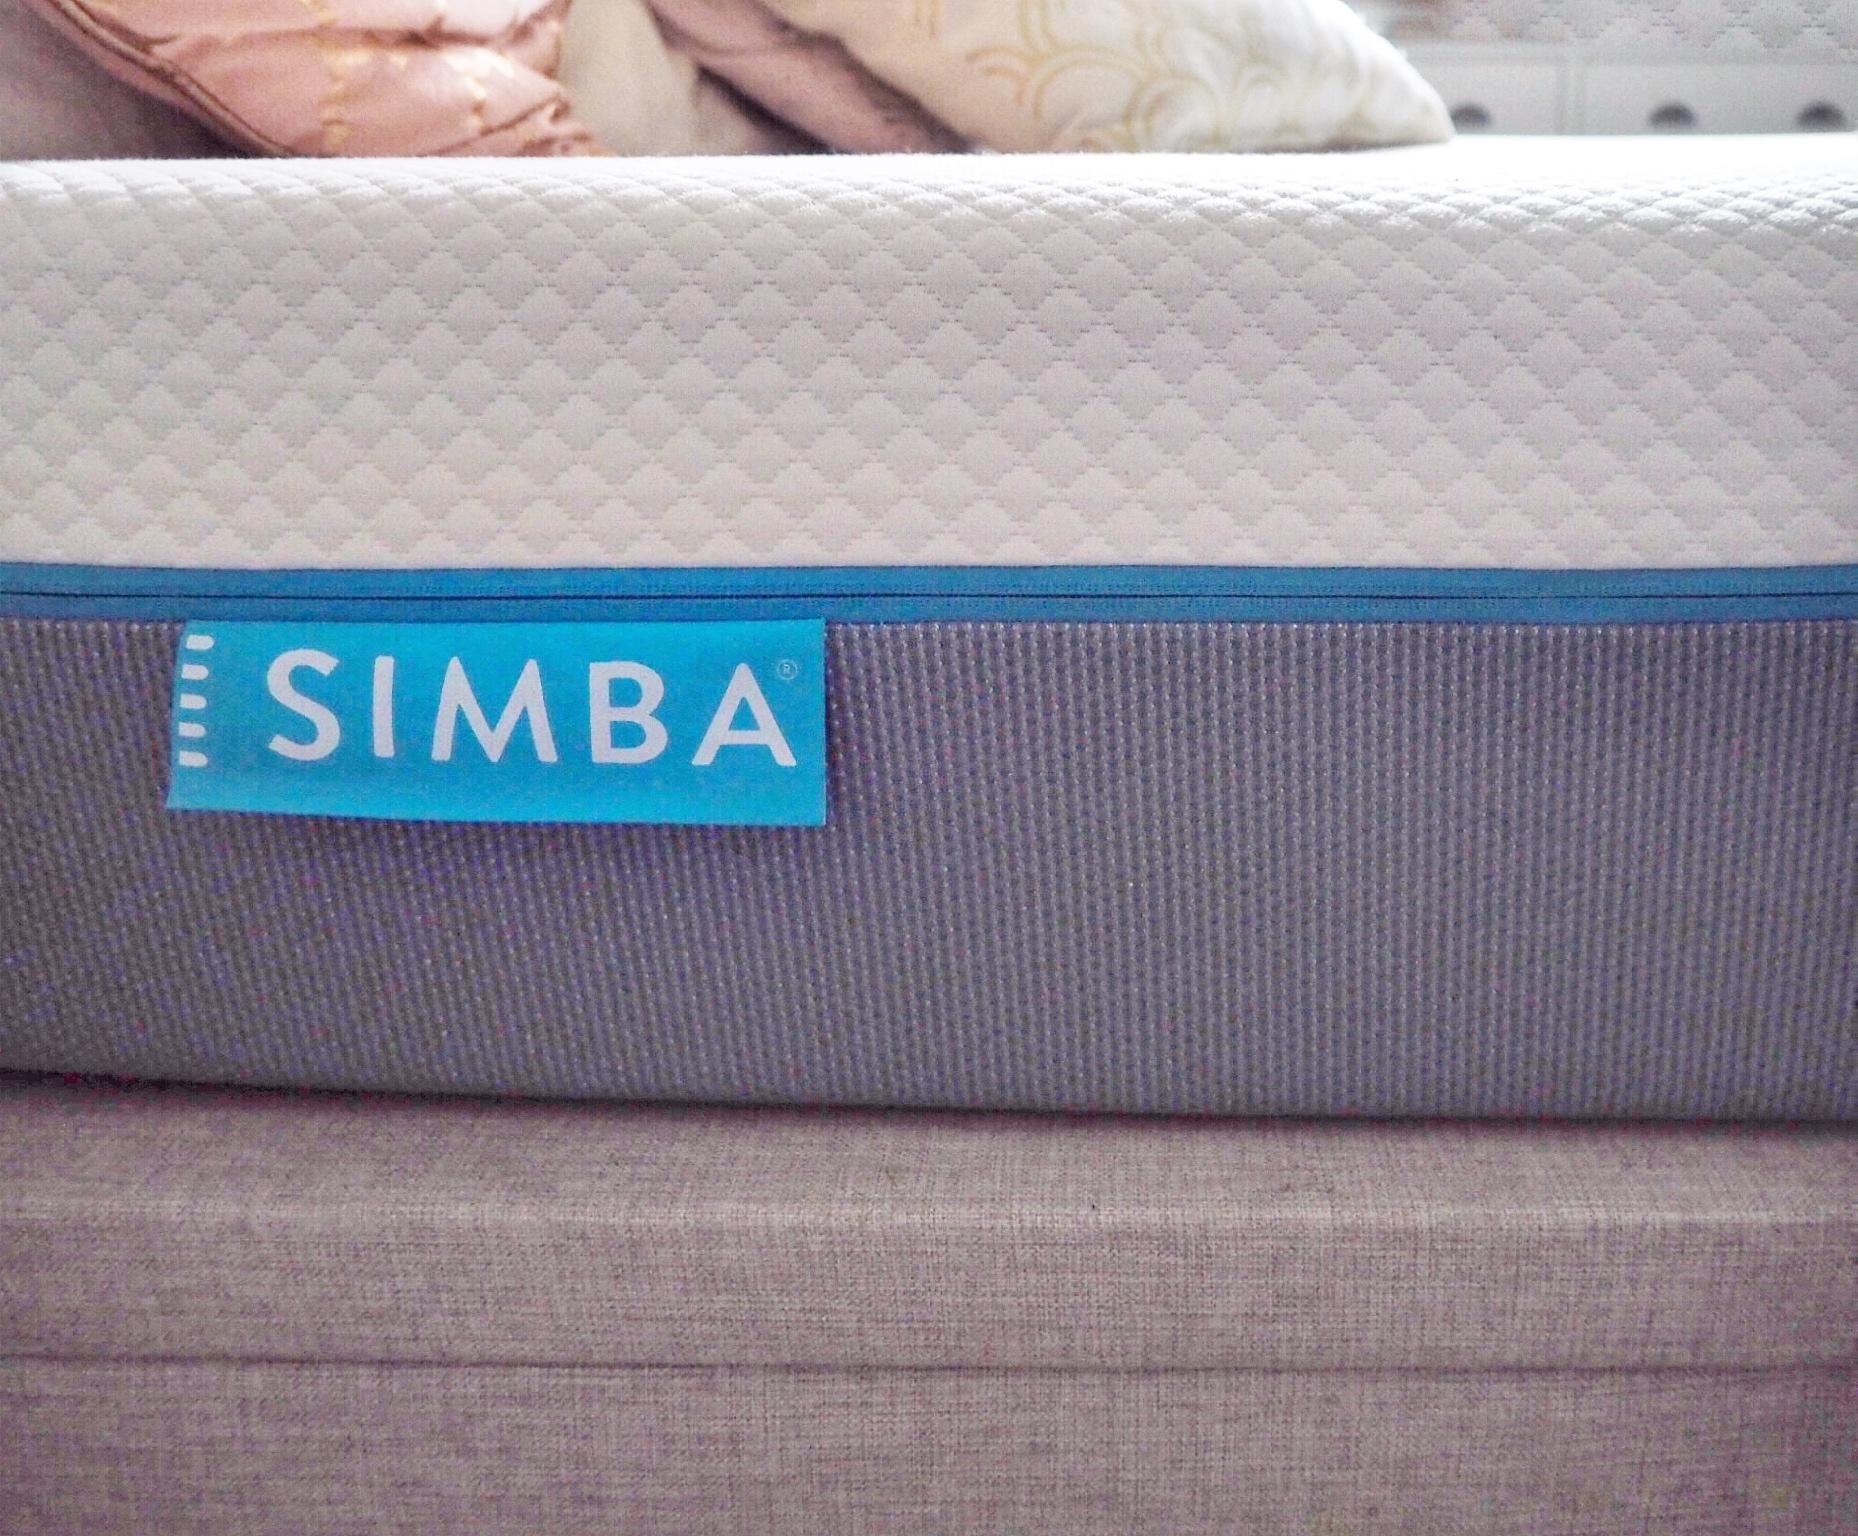 simba hybrid mattress review 1